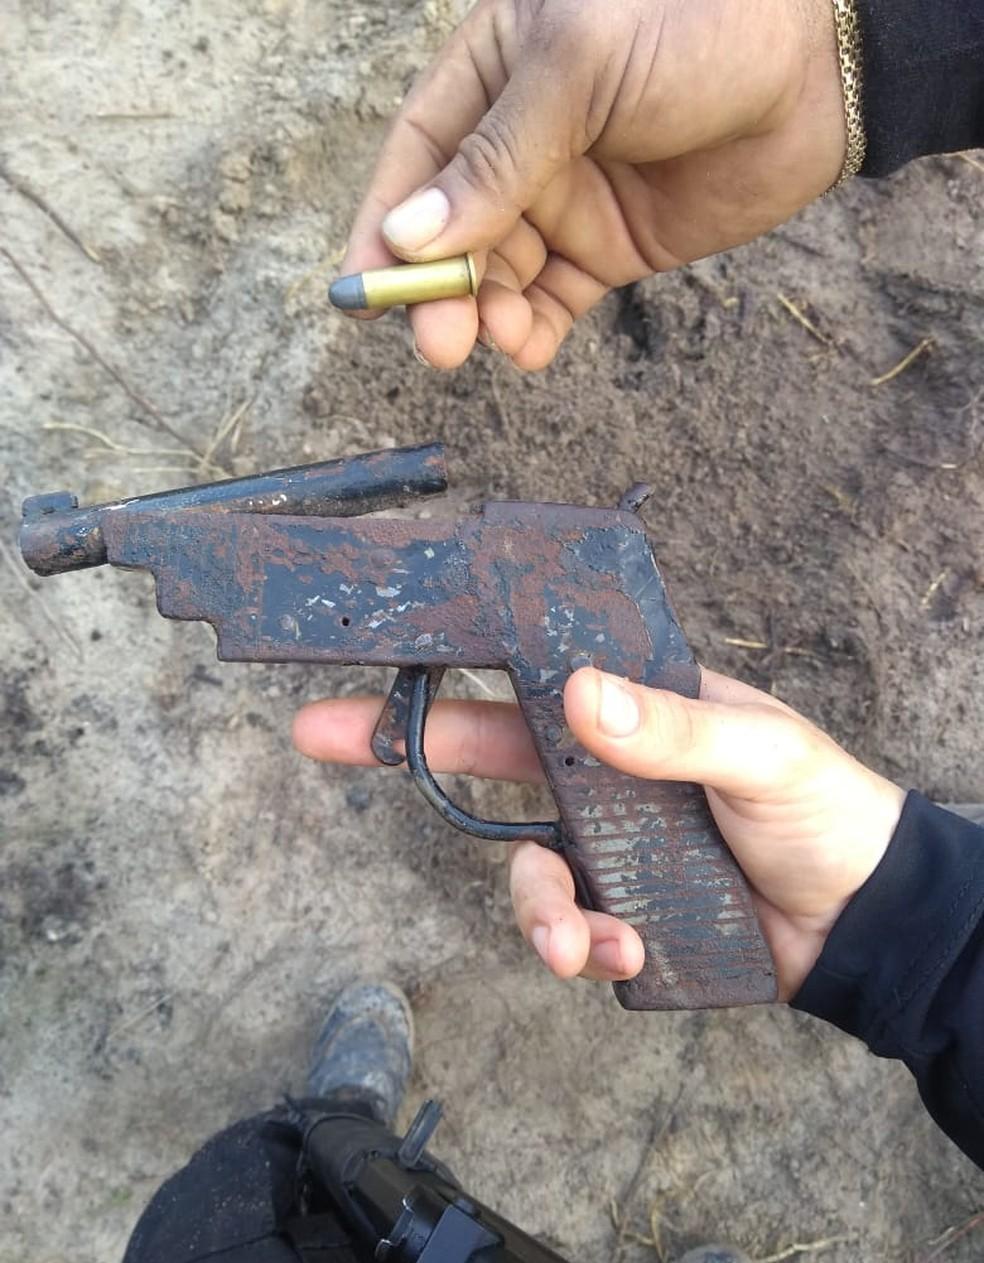 Além da erva destruída e prisão, a Polícia também apreendeu armas. — Foto: Reprodução / Polícia Civil